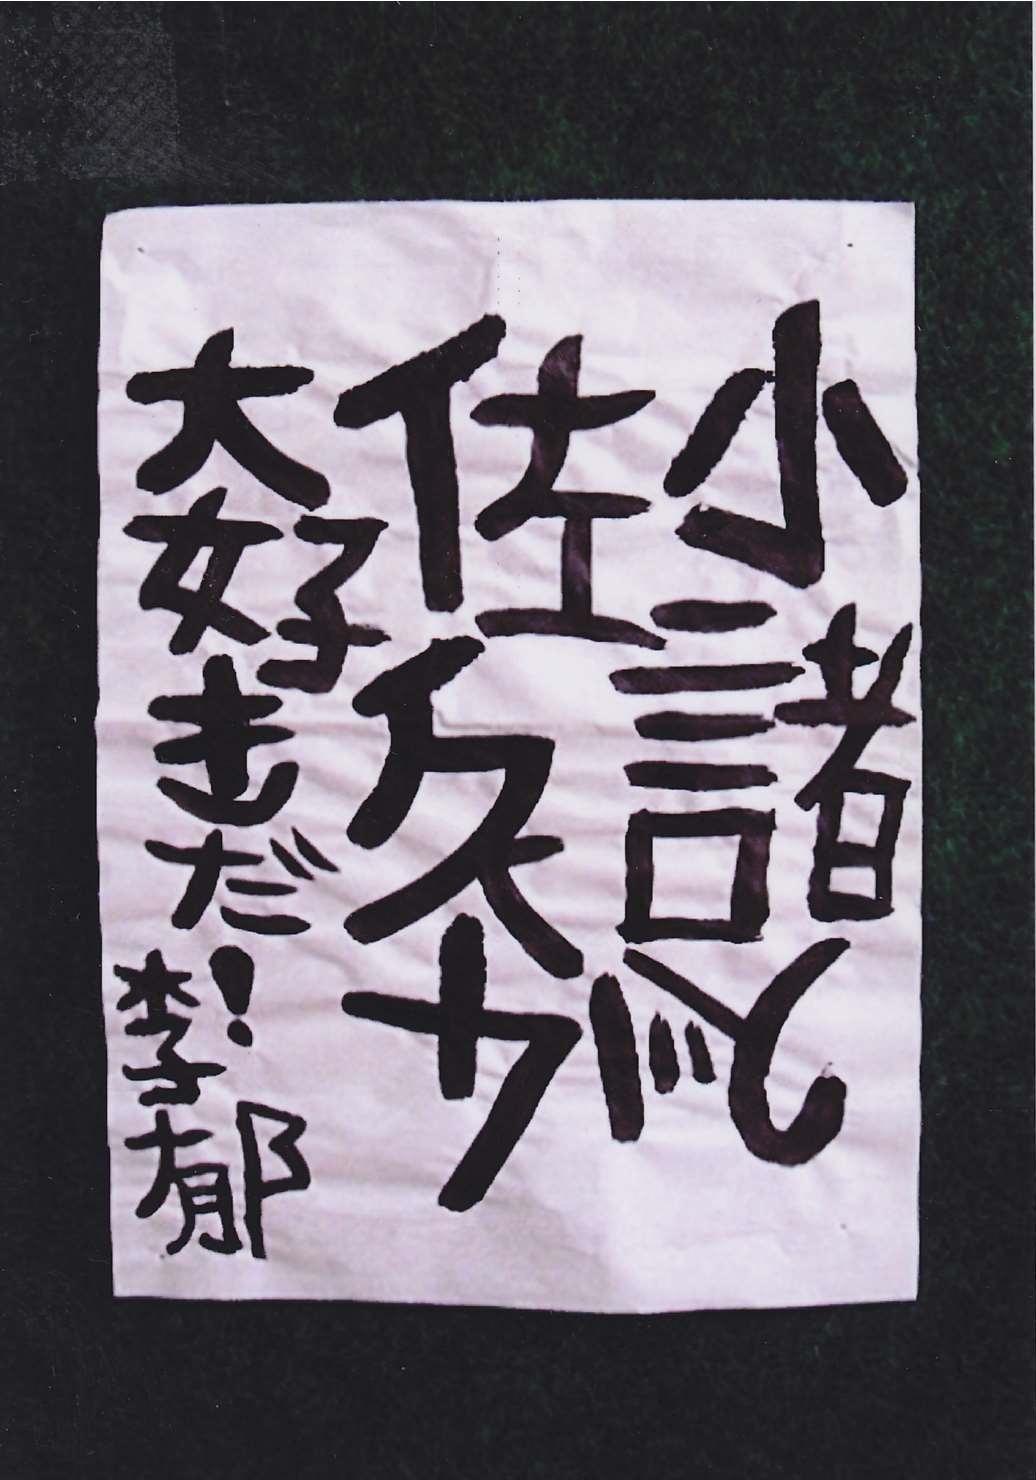 郁さん (ともいき宝池和順)